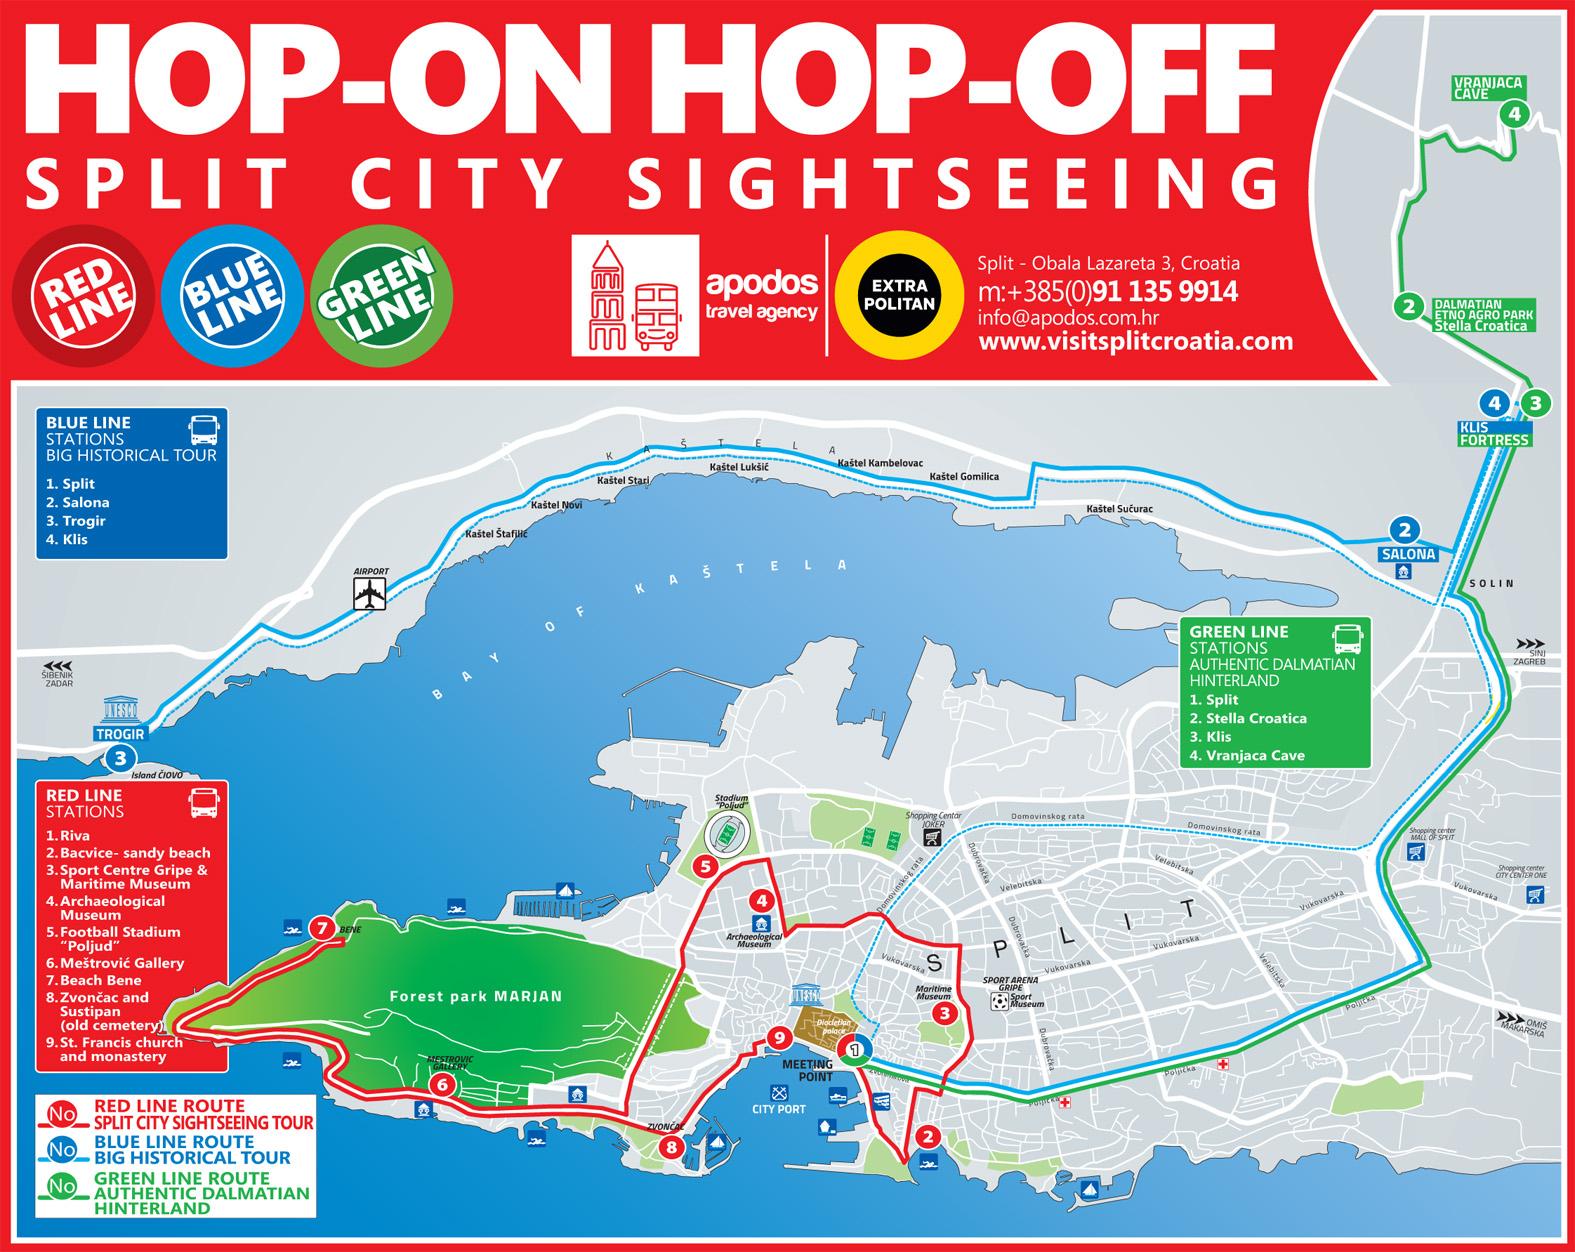 split hop-on hop-off bus tour